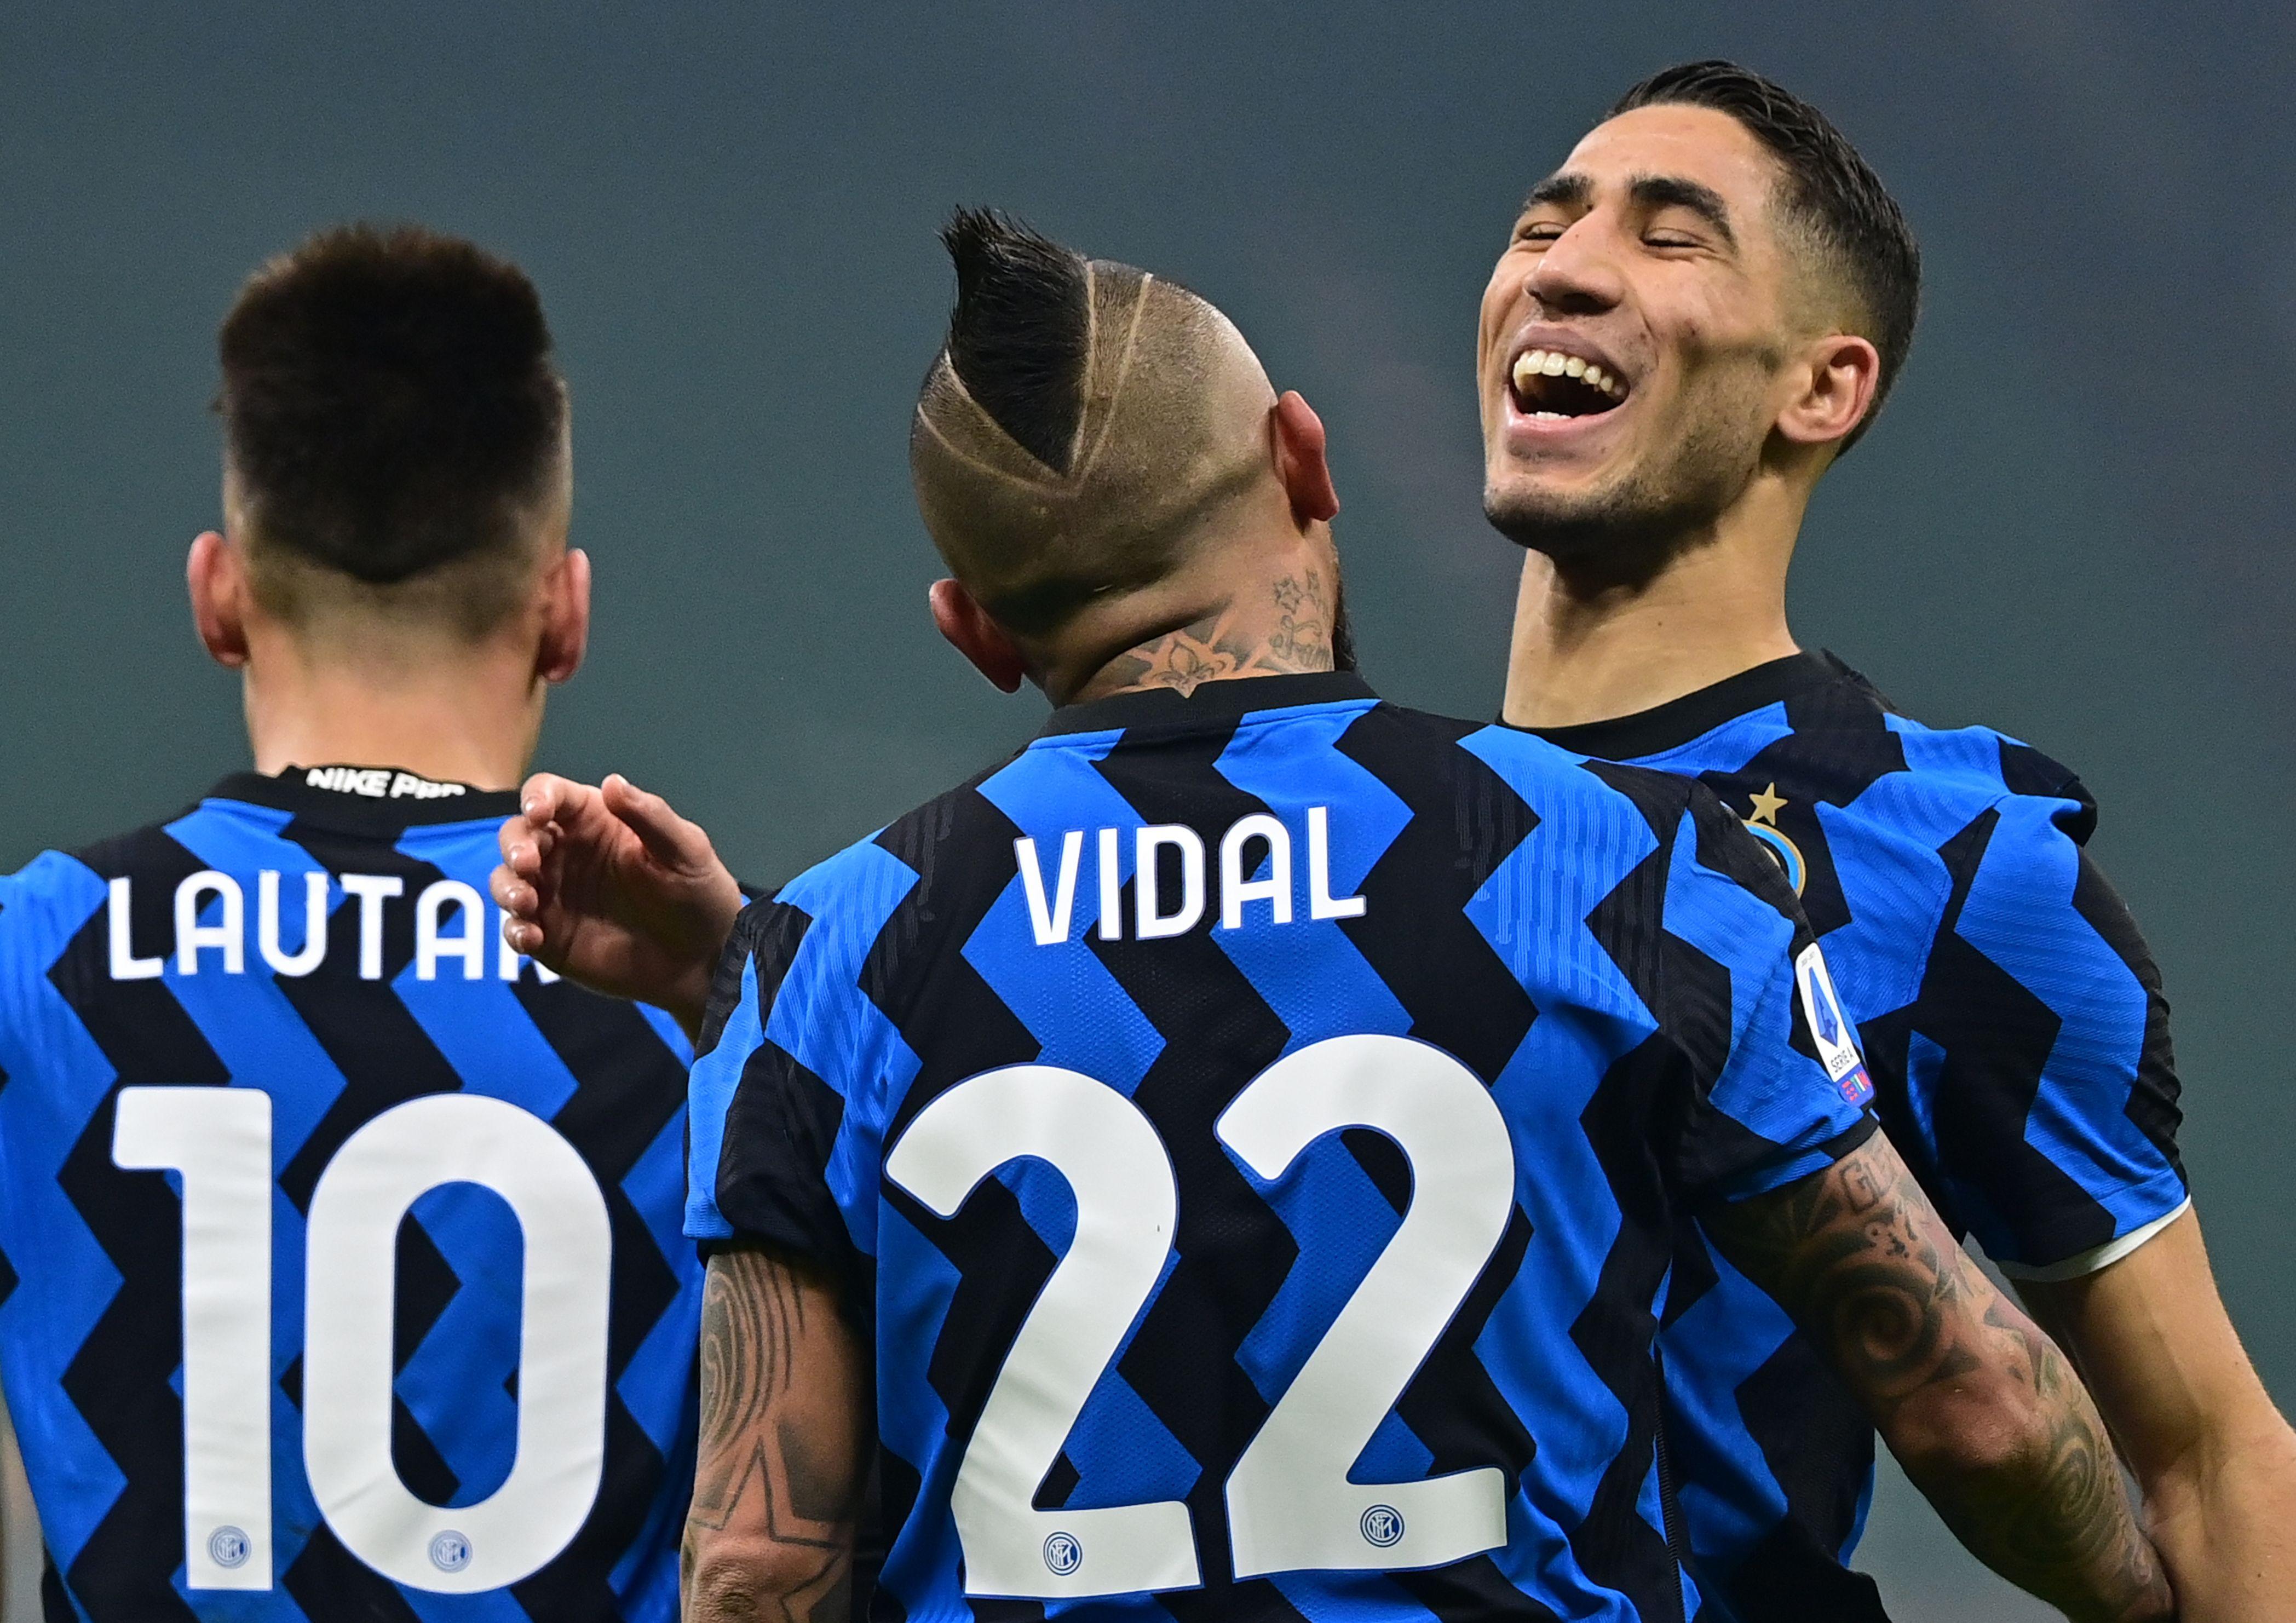 Championnat d'Italie: L'Inter de Hakimi dompte la Juventus